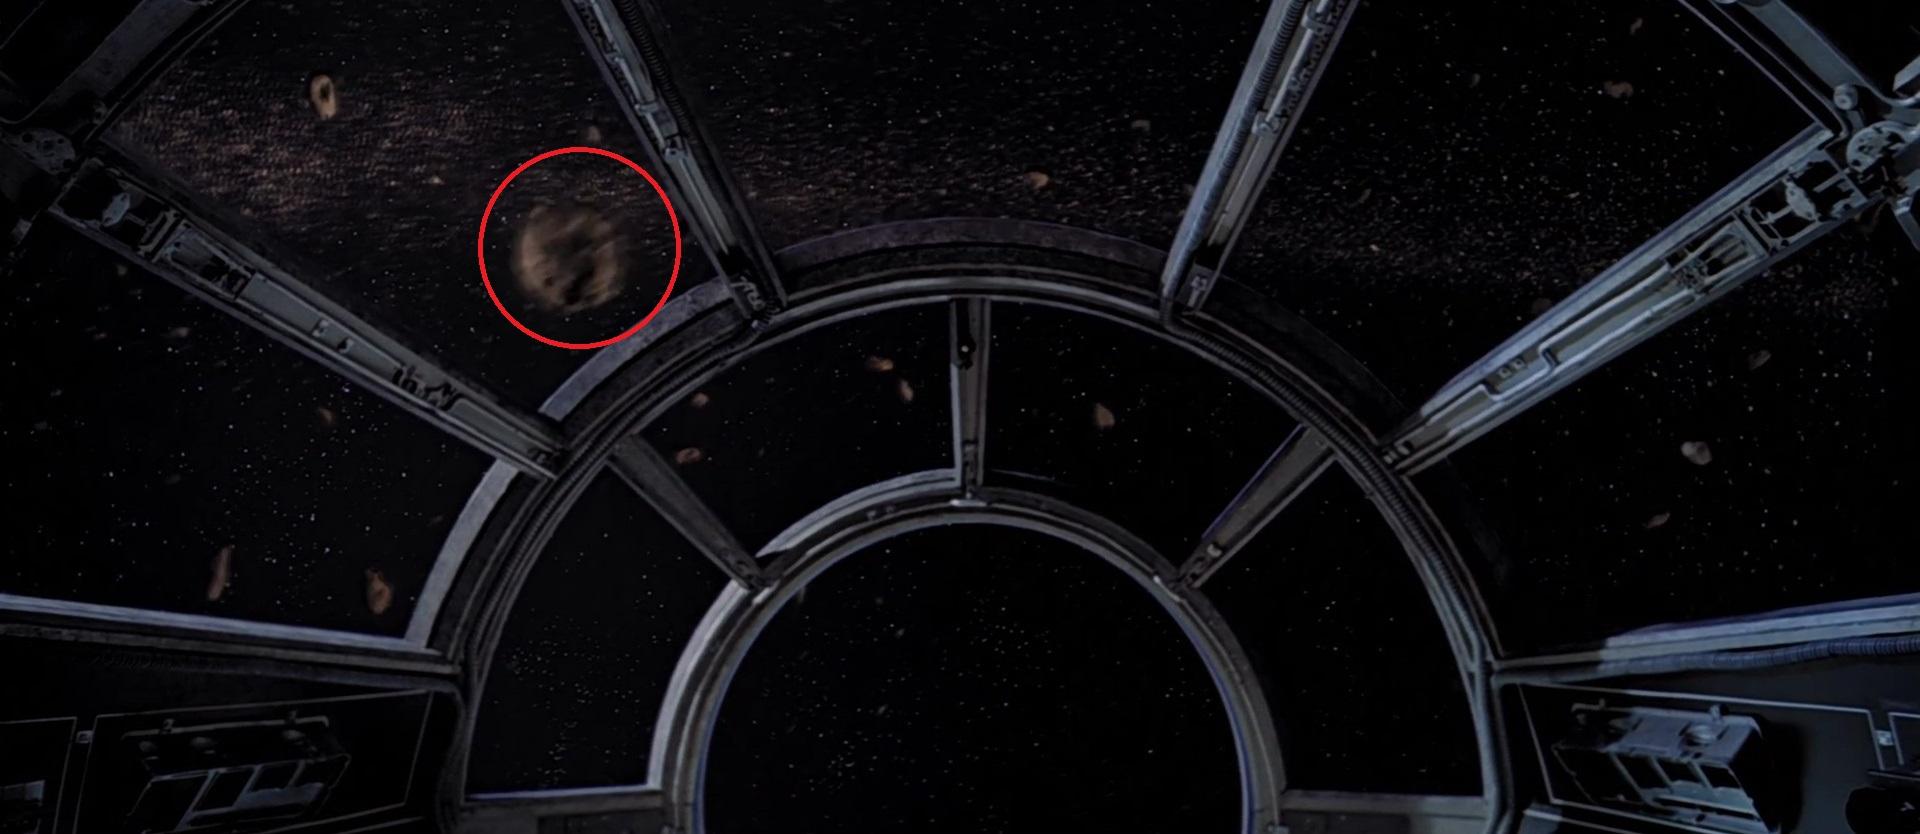 star wars episodio v l'impero colpisce ancora patata asteroide